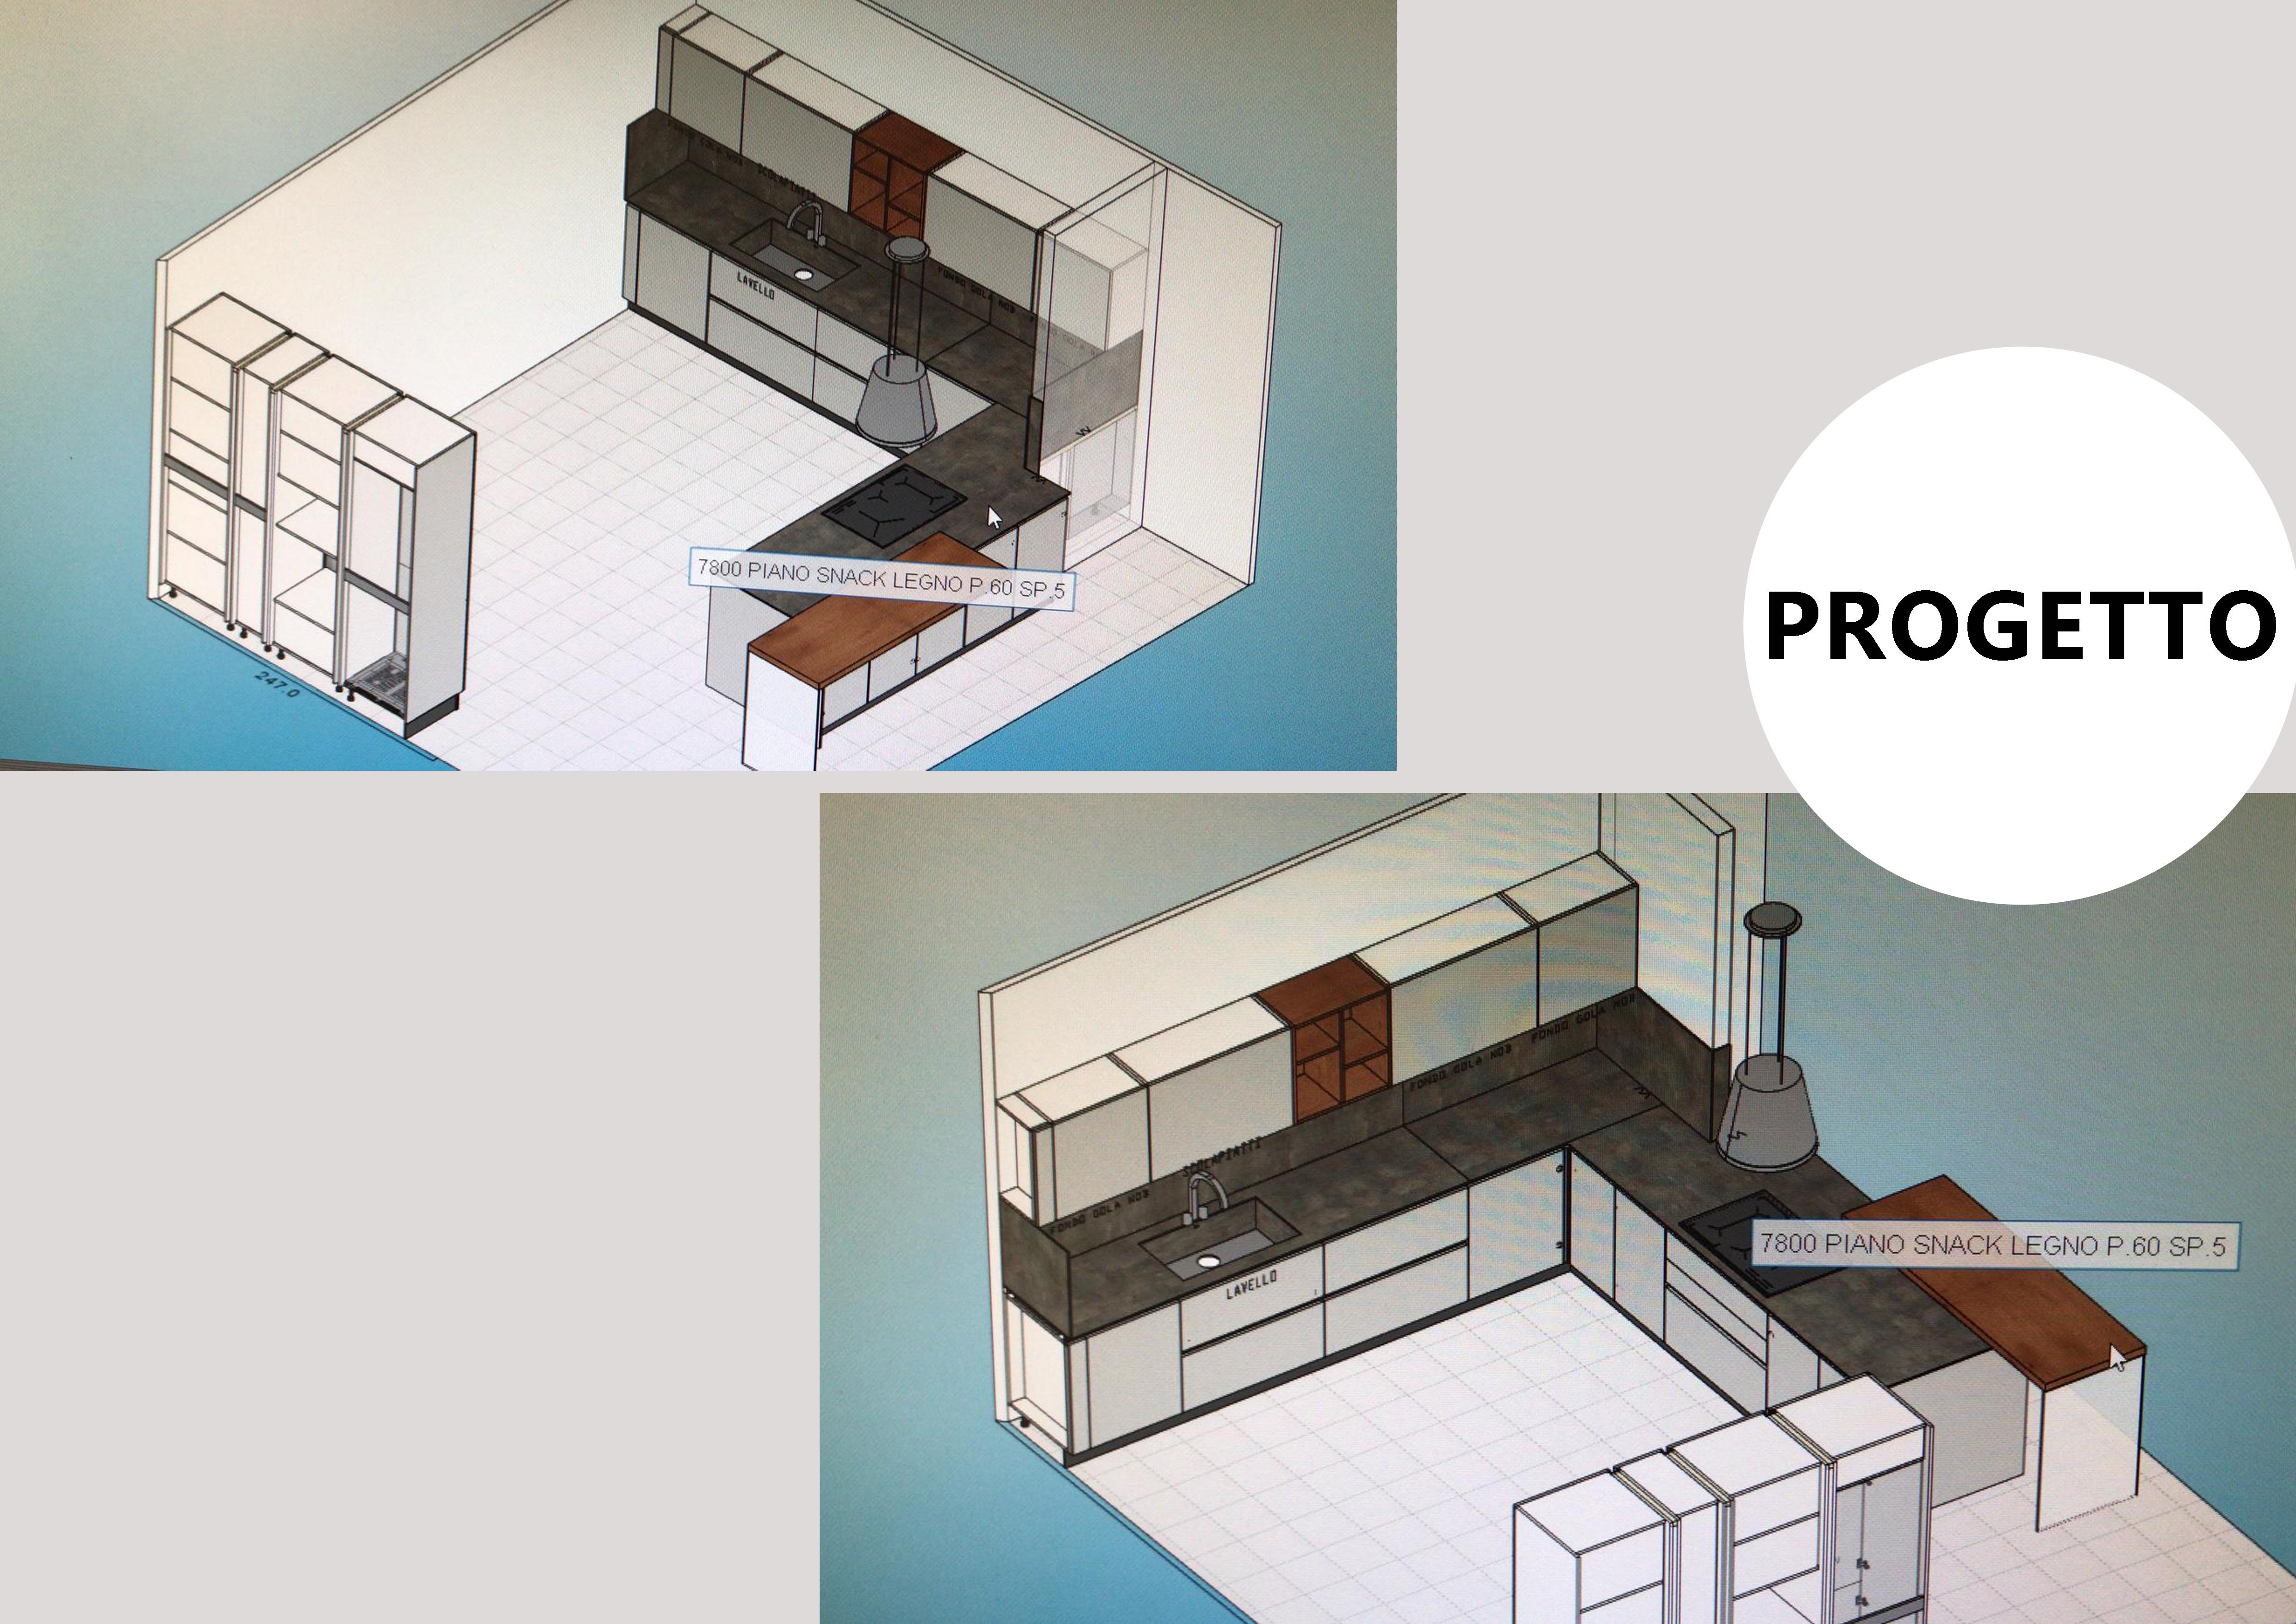 progetto-cri-sam-realizzaz-19